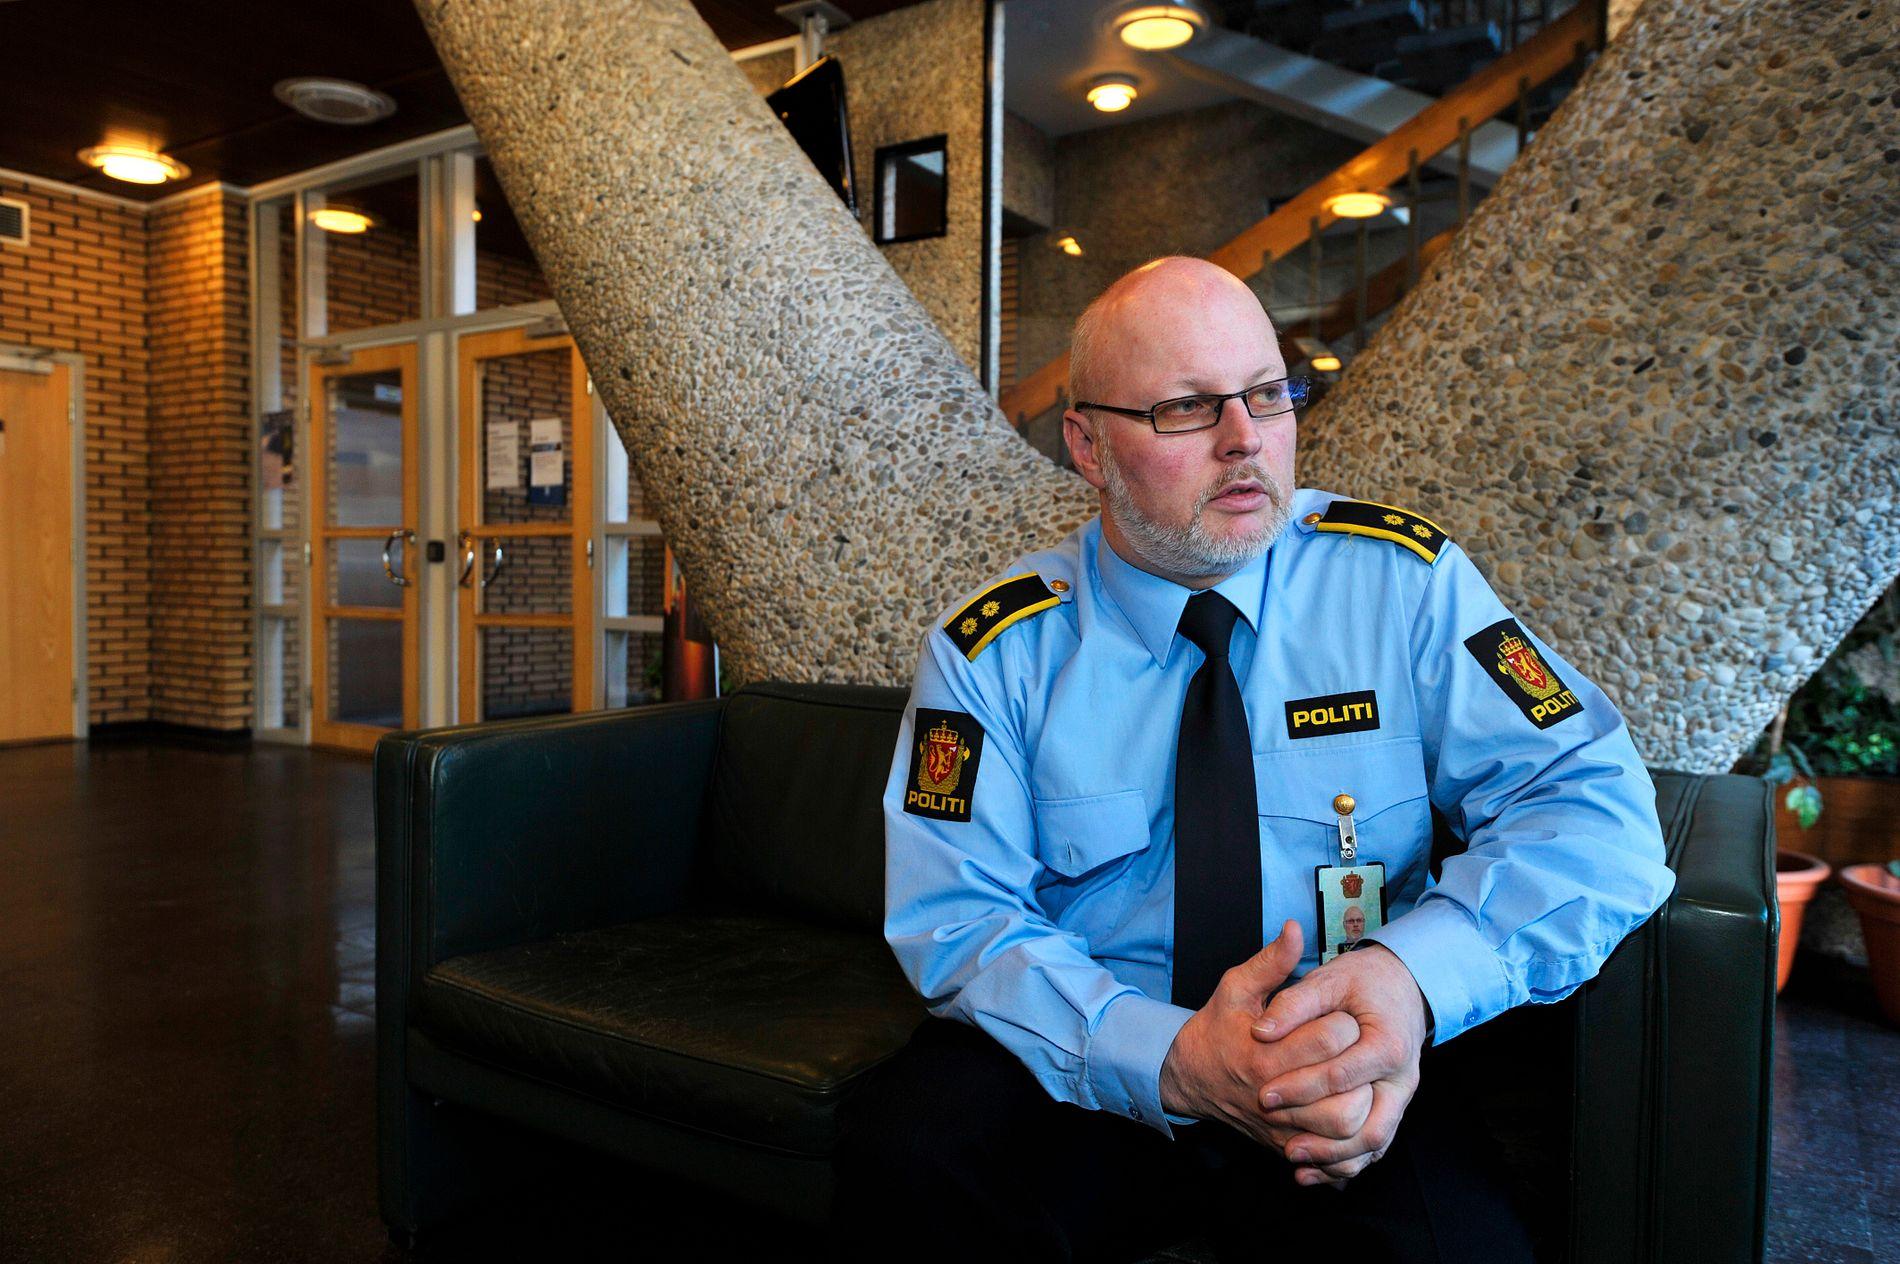 BEKLAGER: Morten Pettersen, leder av felles enhet for operativ tjeneste i Troms politidistrikt, innrømmer at politiets håndtering av situasjonen var for dårlig da mannen varslet dem i august 2016. – Det har vi også beklaget overfor fornærmede, sier han til VG.